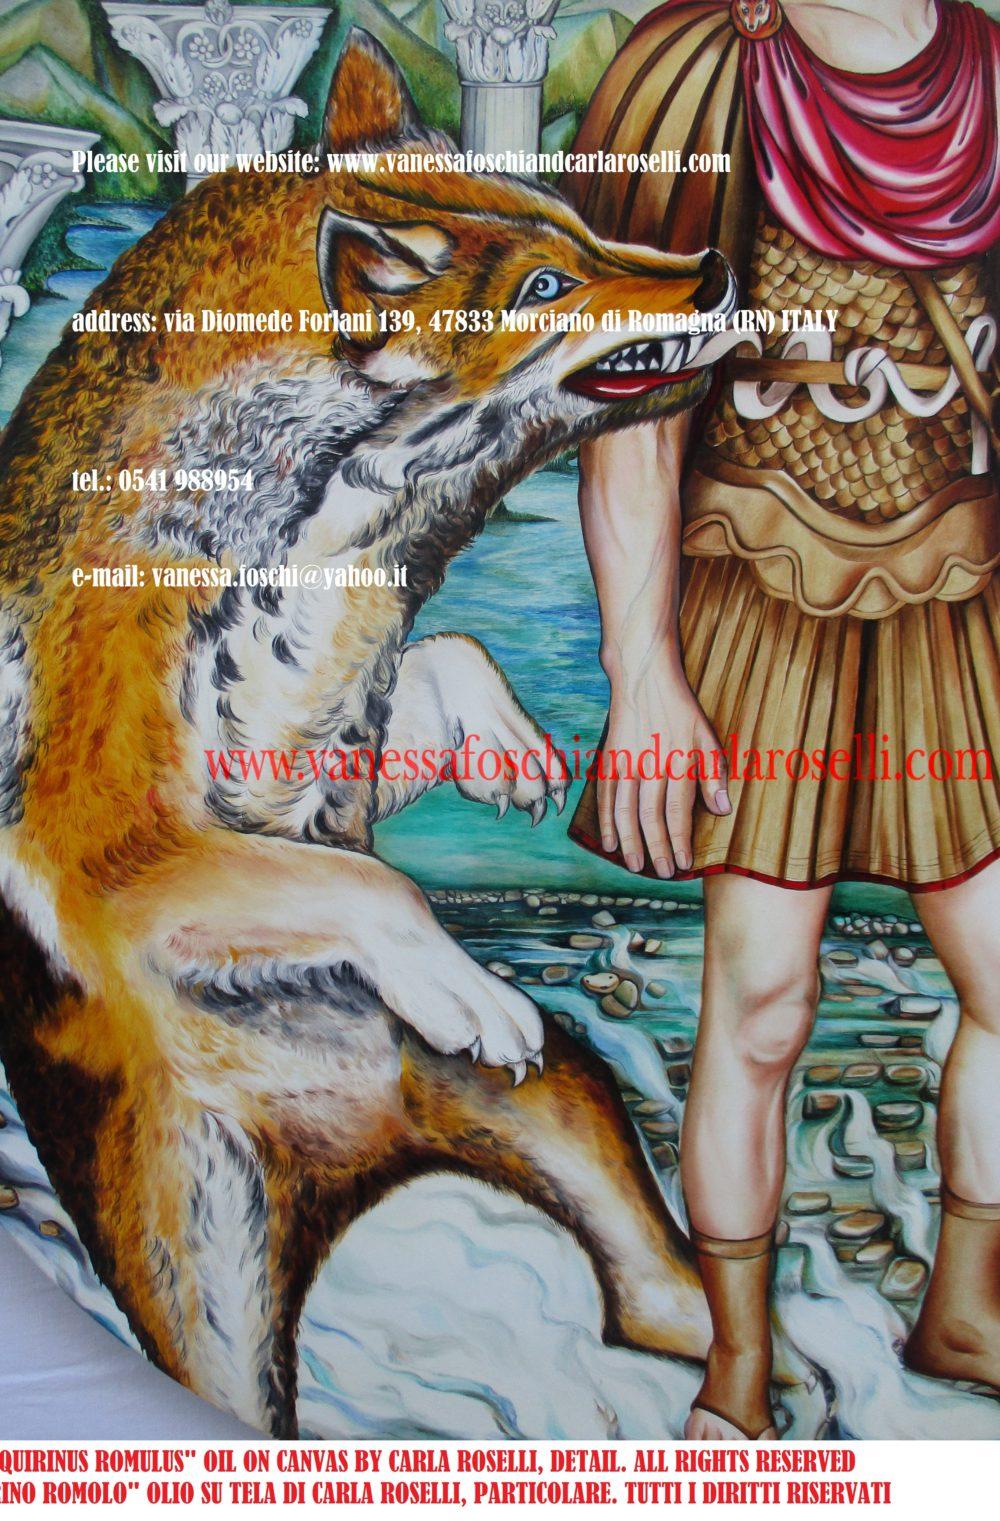 Quirinus Romulus king of Rome